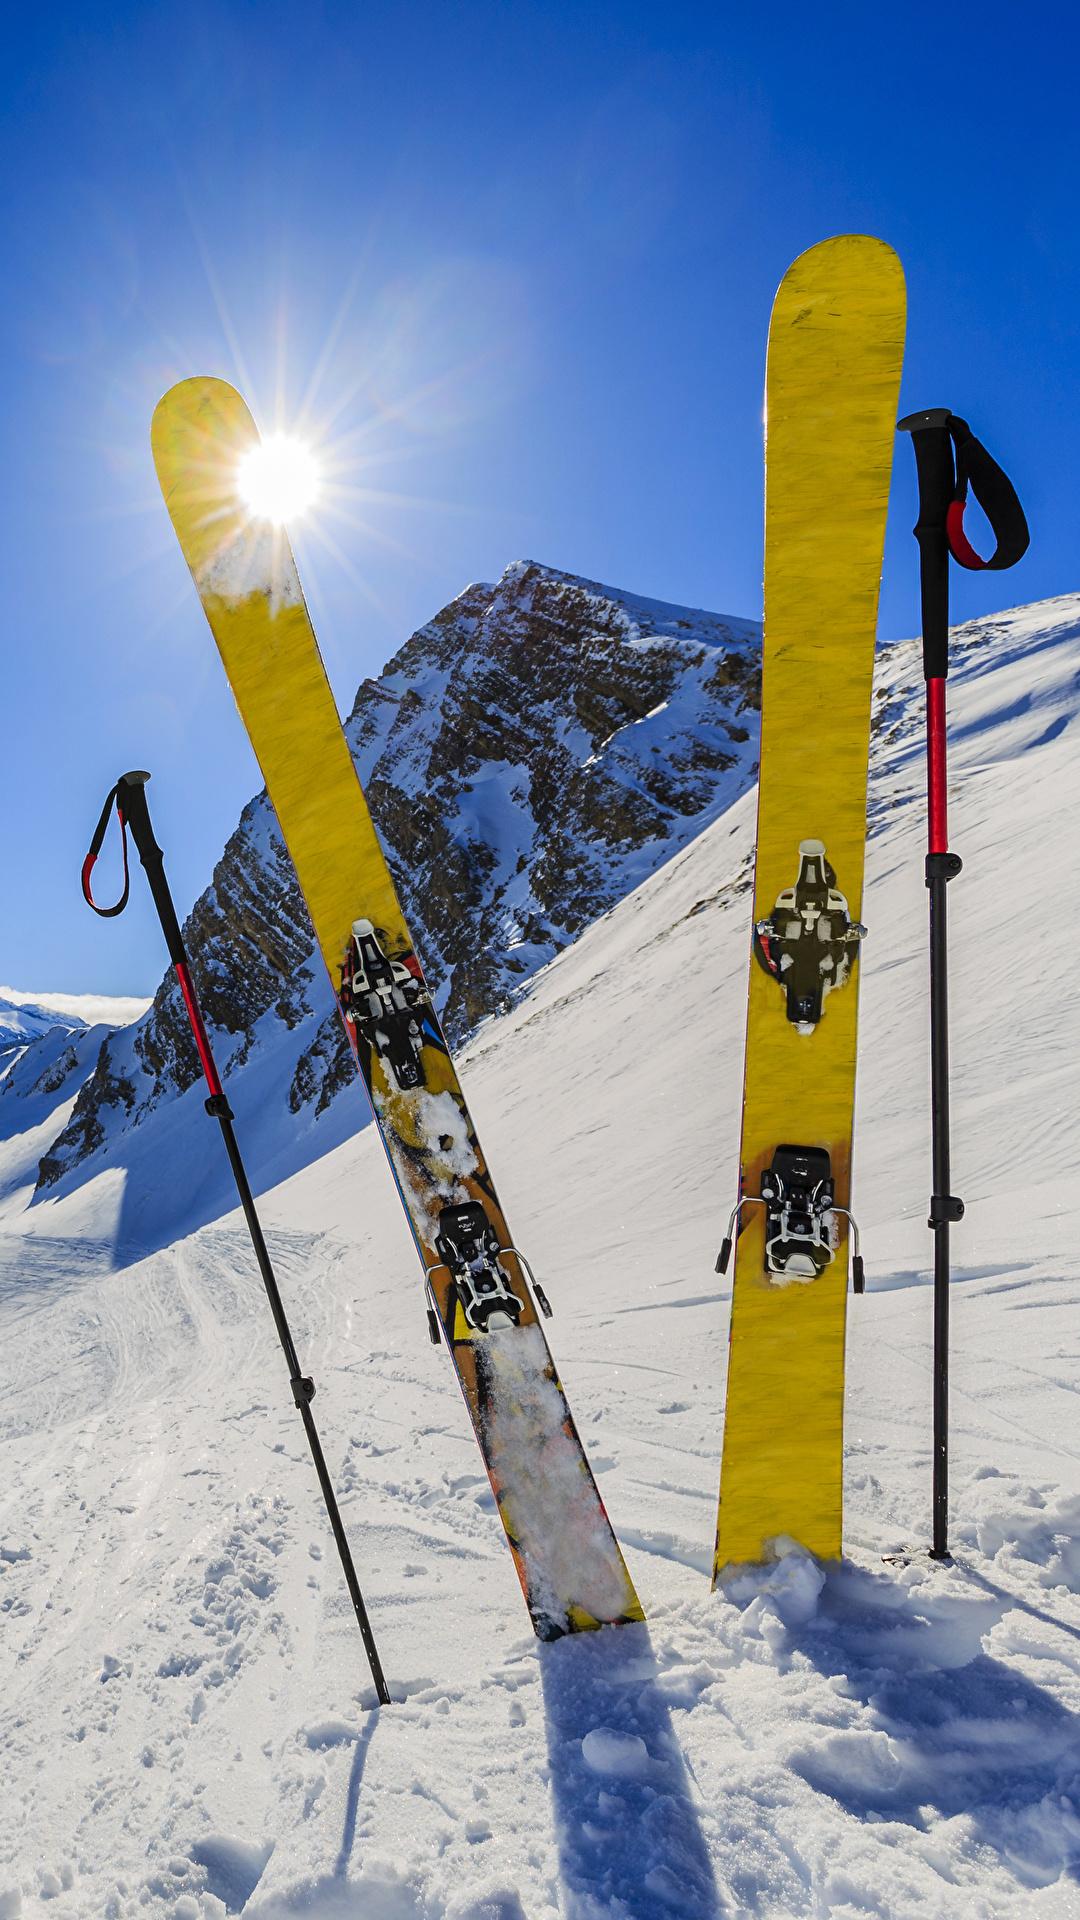 Fotos von Sport Natur Sonne Winter Schnee Skisport 1080x1920